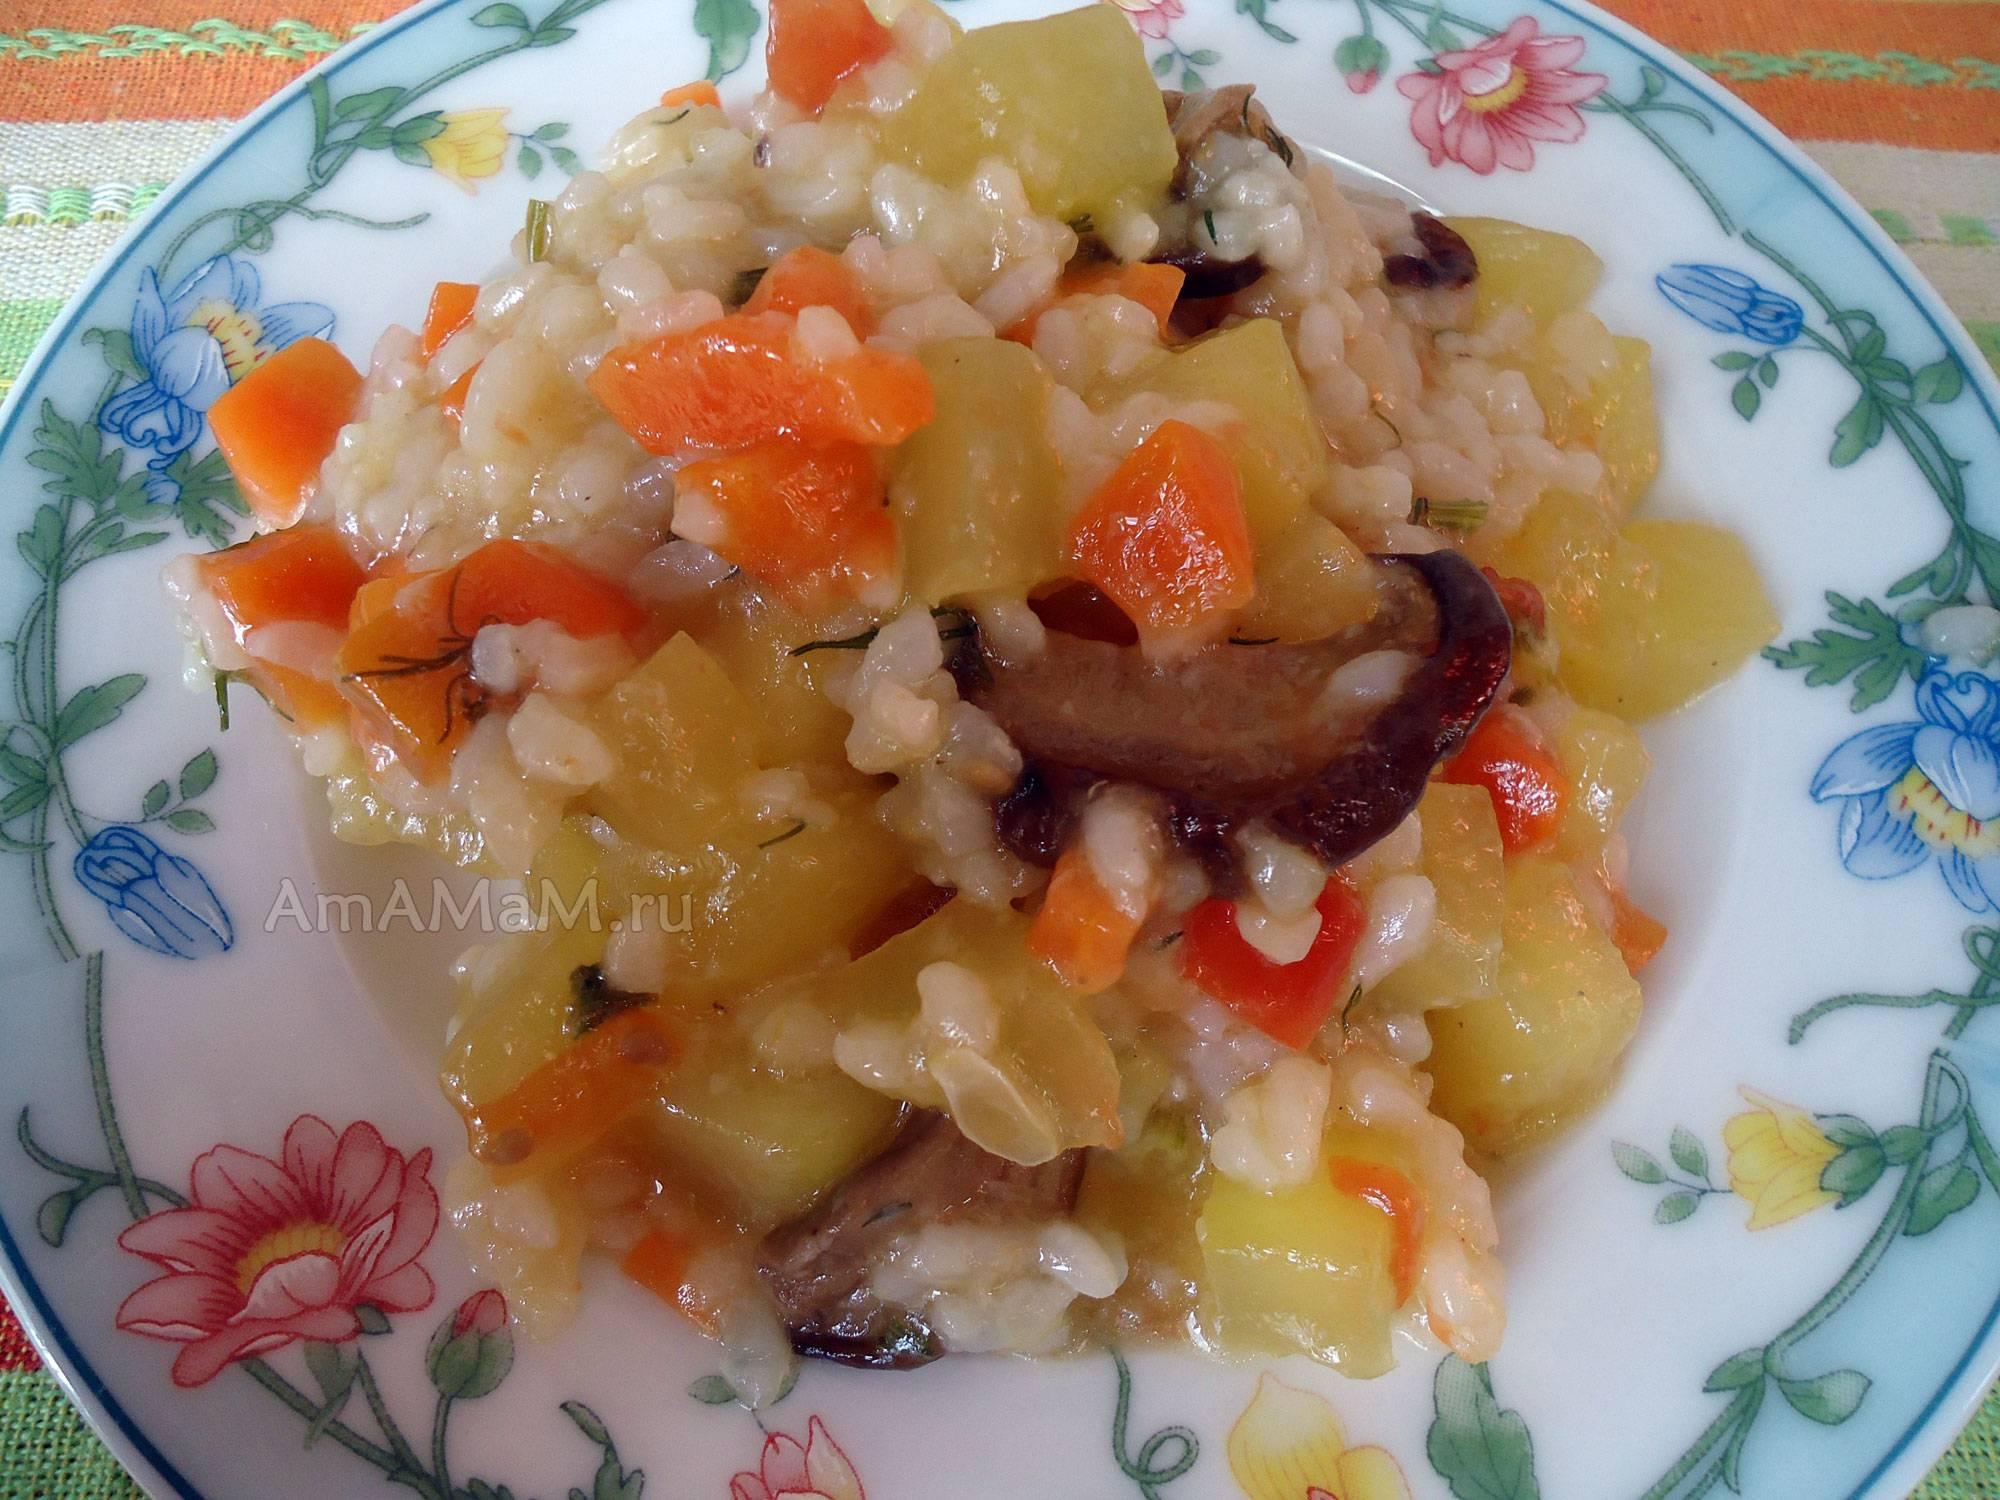 Тушеные кабачки с овощами - 12 оригинальных рецептов с простым продуктовым сочетанием